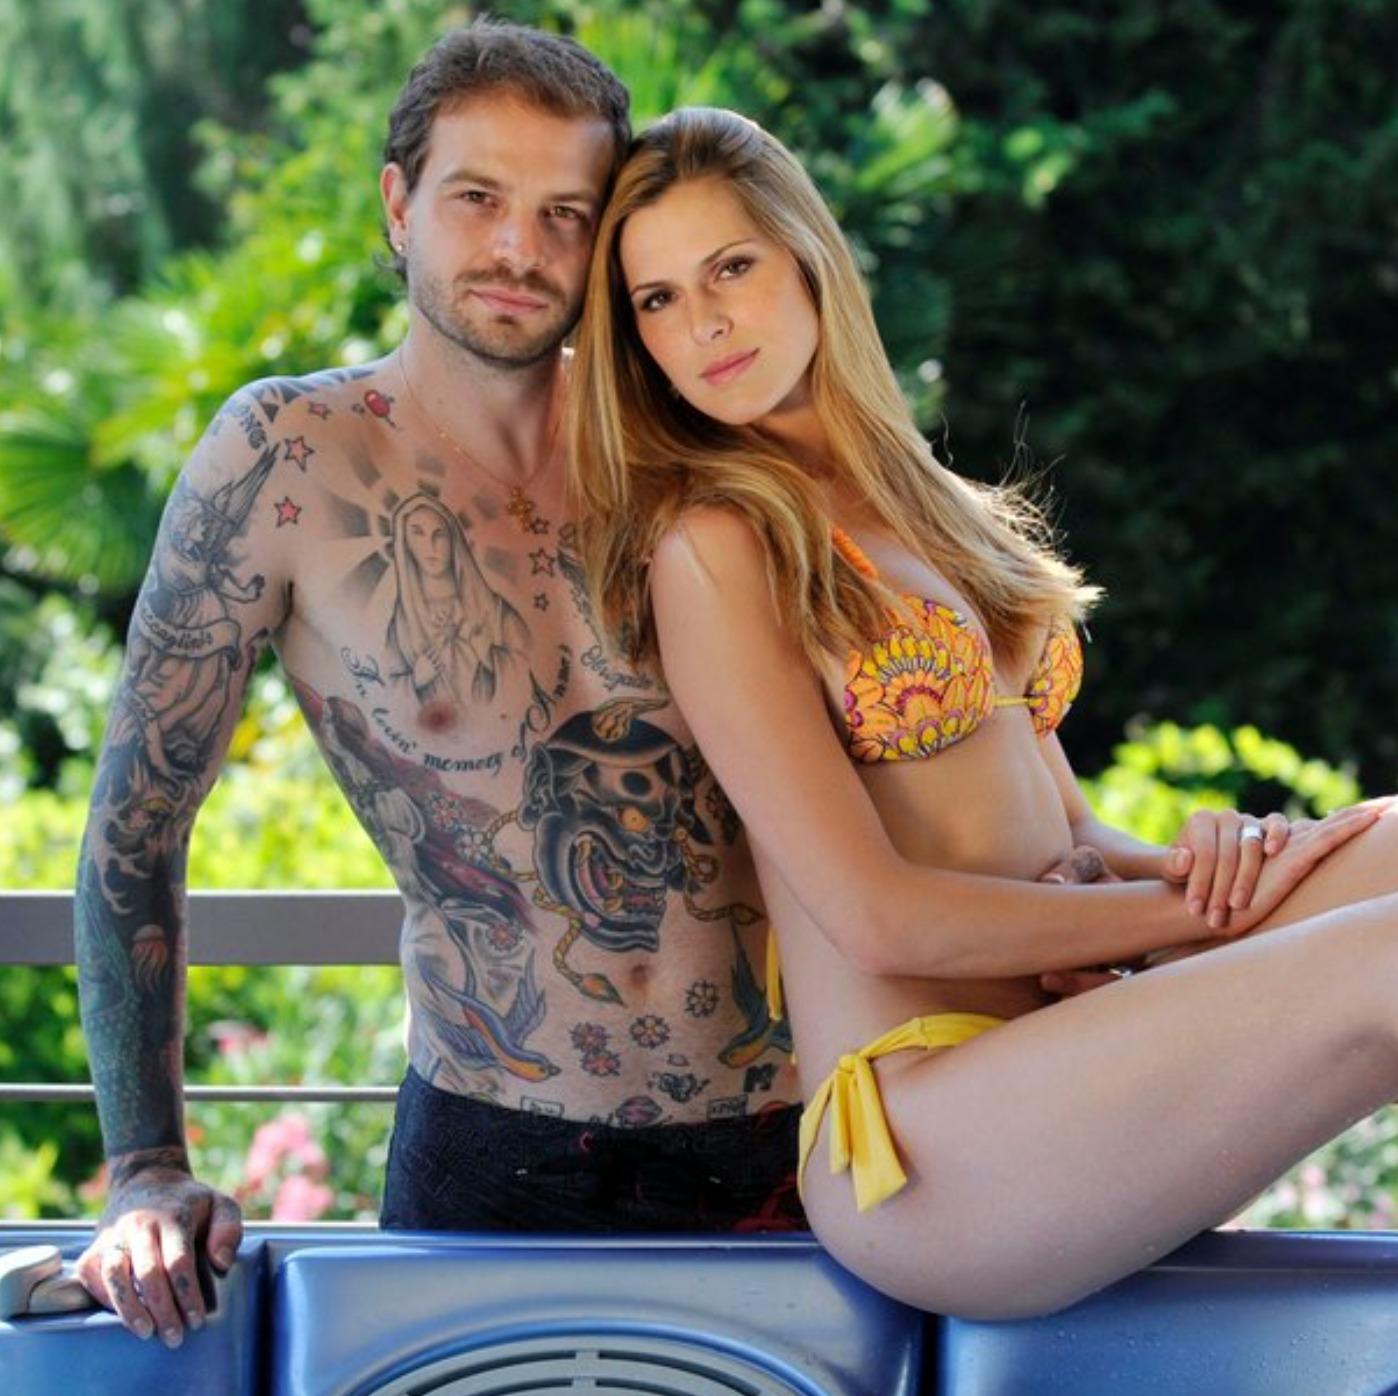 Thais Souza Wiggers velina età altezza peso fidanzato marito figlia